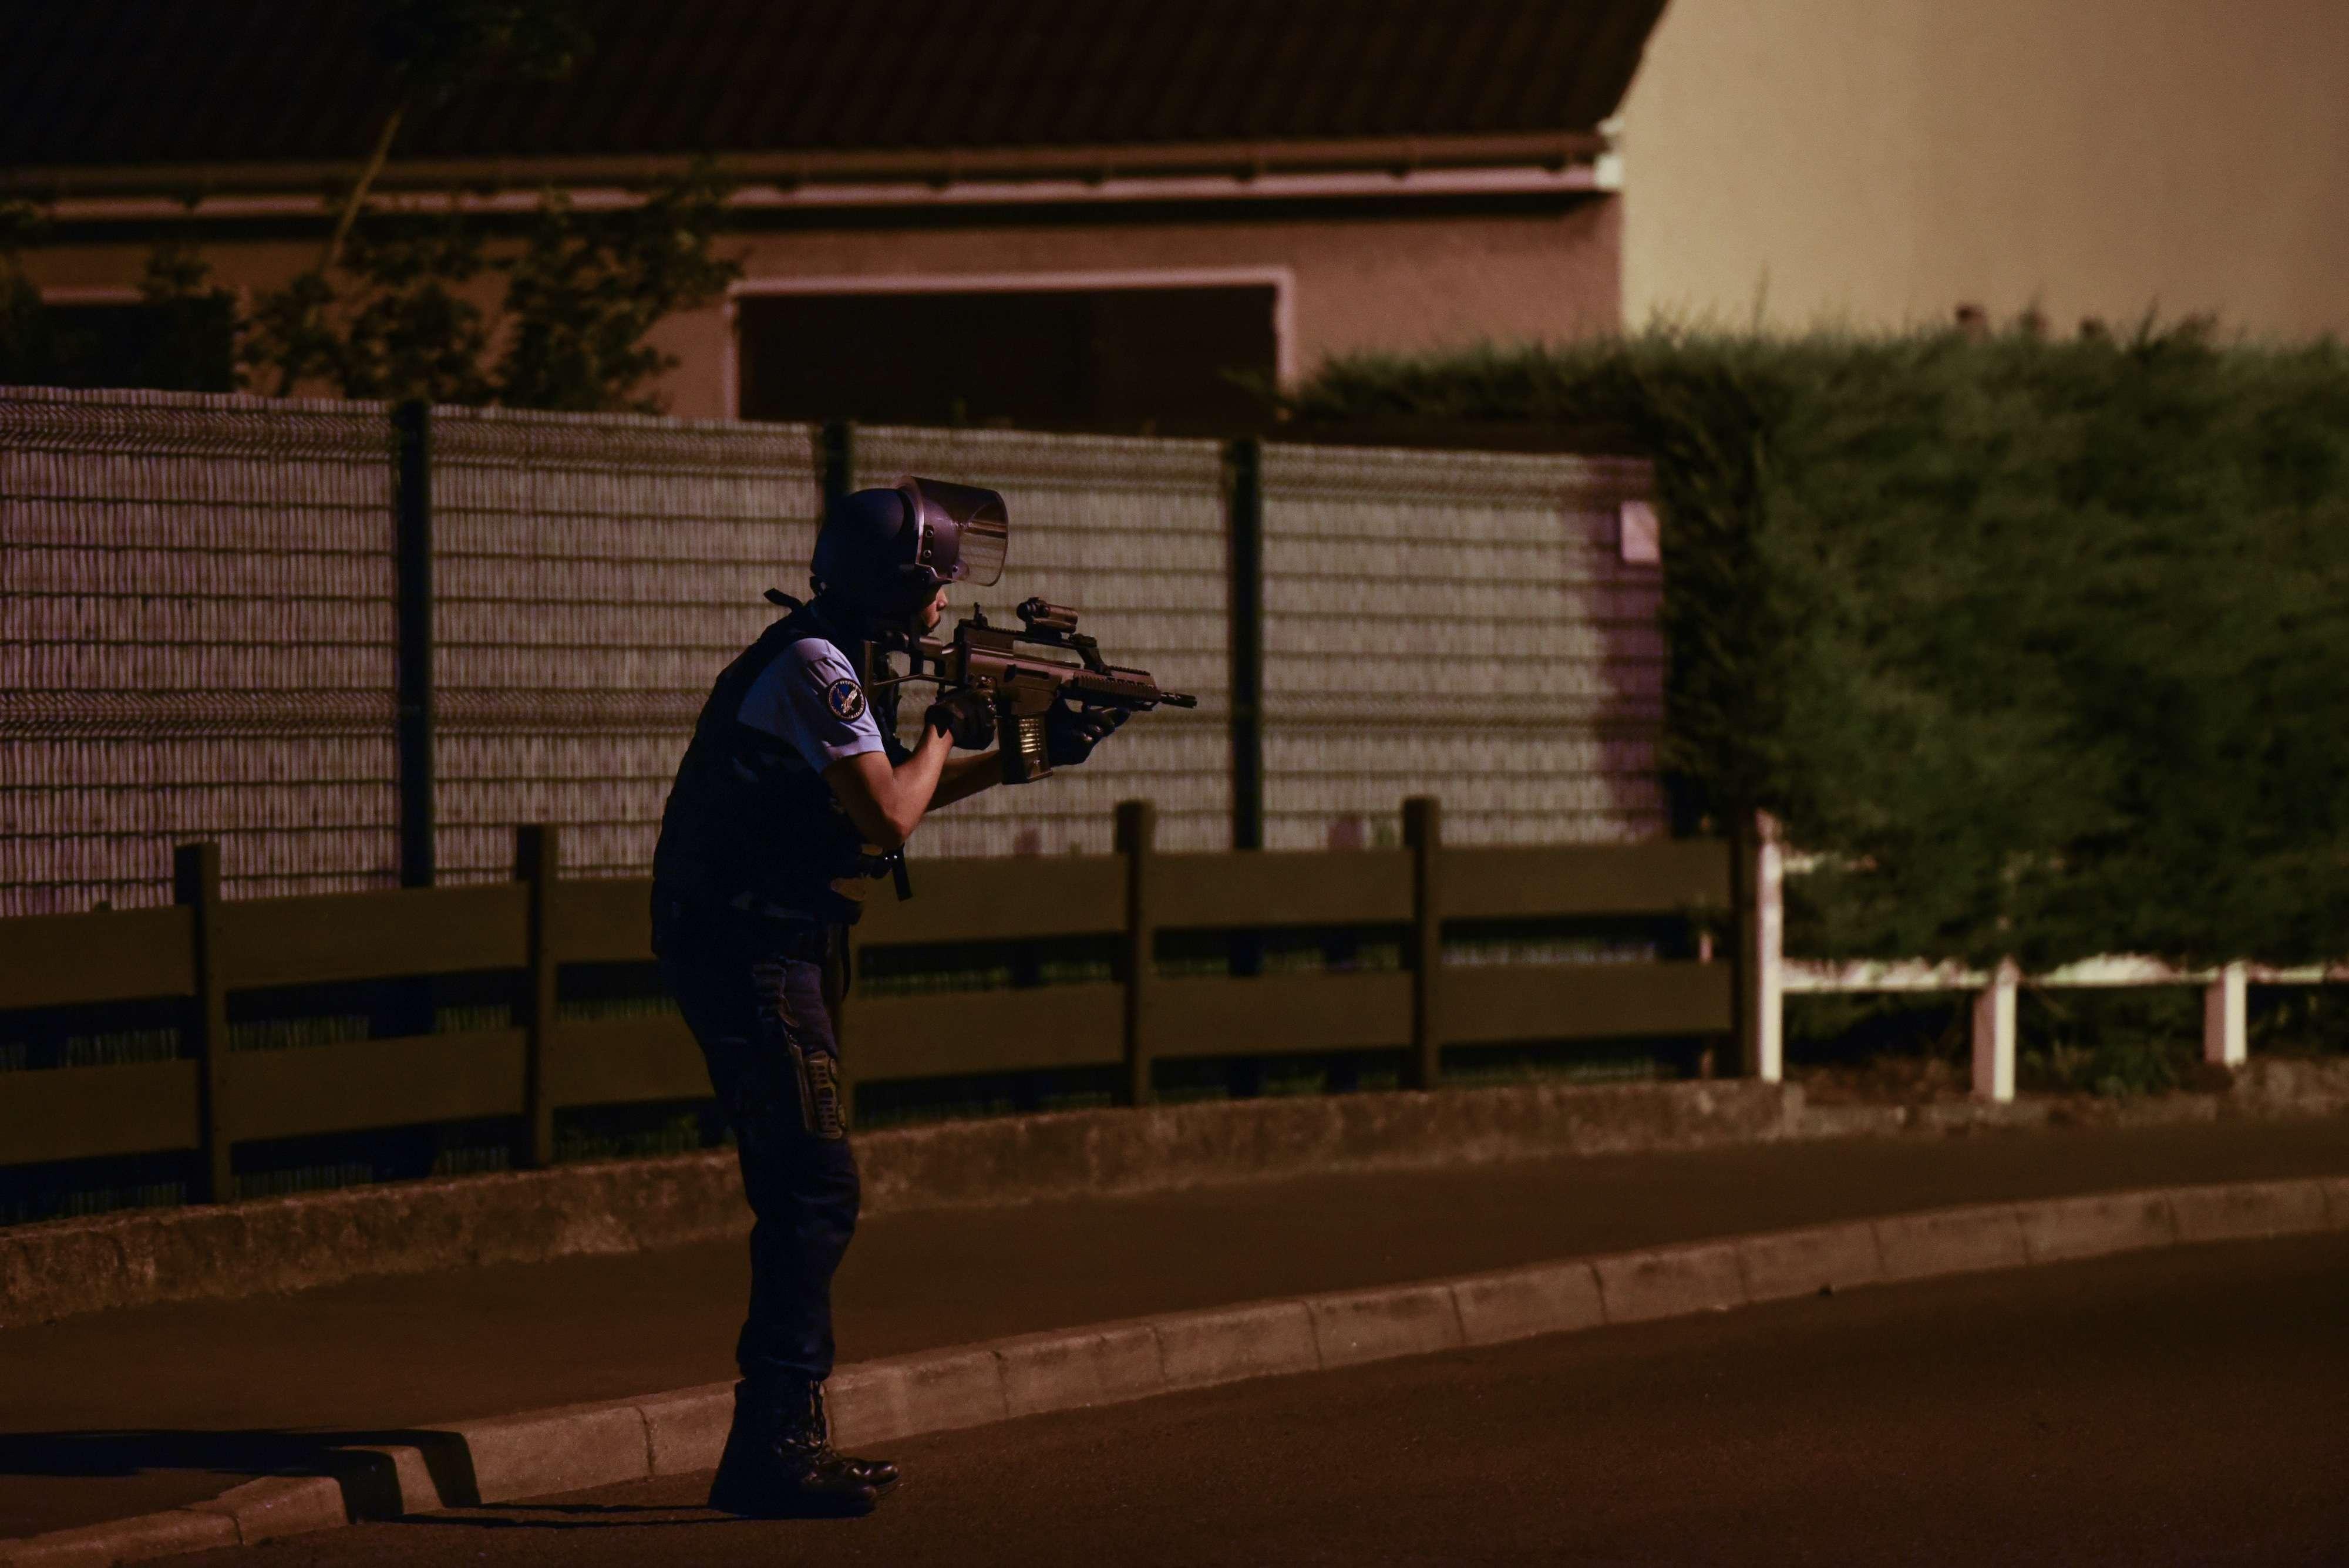 Intervention des forces de police et de gendarmerie dans la cité Boyenval (Beaumont-sur-Oise), où habitait Adama Traoré, 24ans, mort dans la nuit de mardi19 à mercredi20juillet au cours de son transfert vers la gendarmerie de Persan-Beaumont. Des affrontements entre jeunes et policiers ont eu lieu mercredi après-midi.